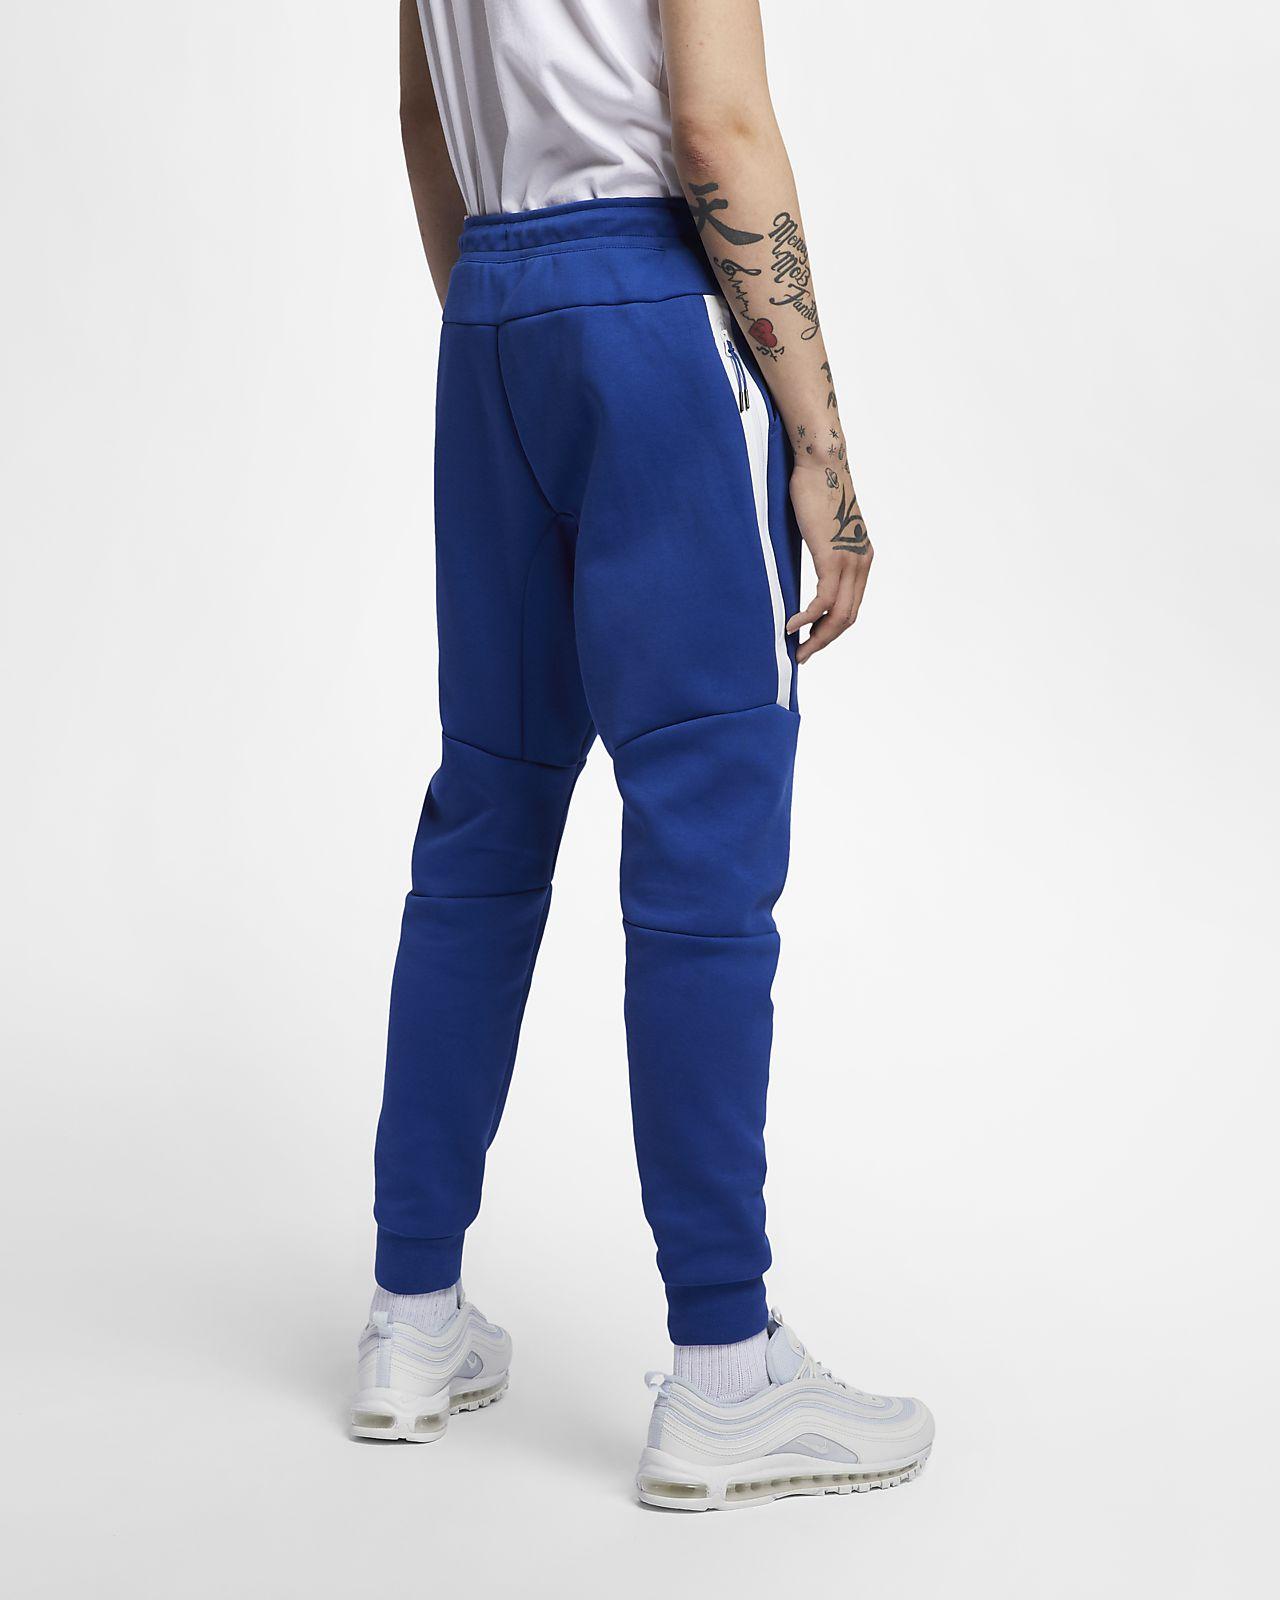 19c32d3bace Nike Sportswear Tech Fleece Joggingbroek heren. Nike.com NL